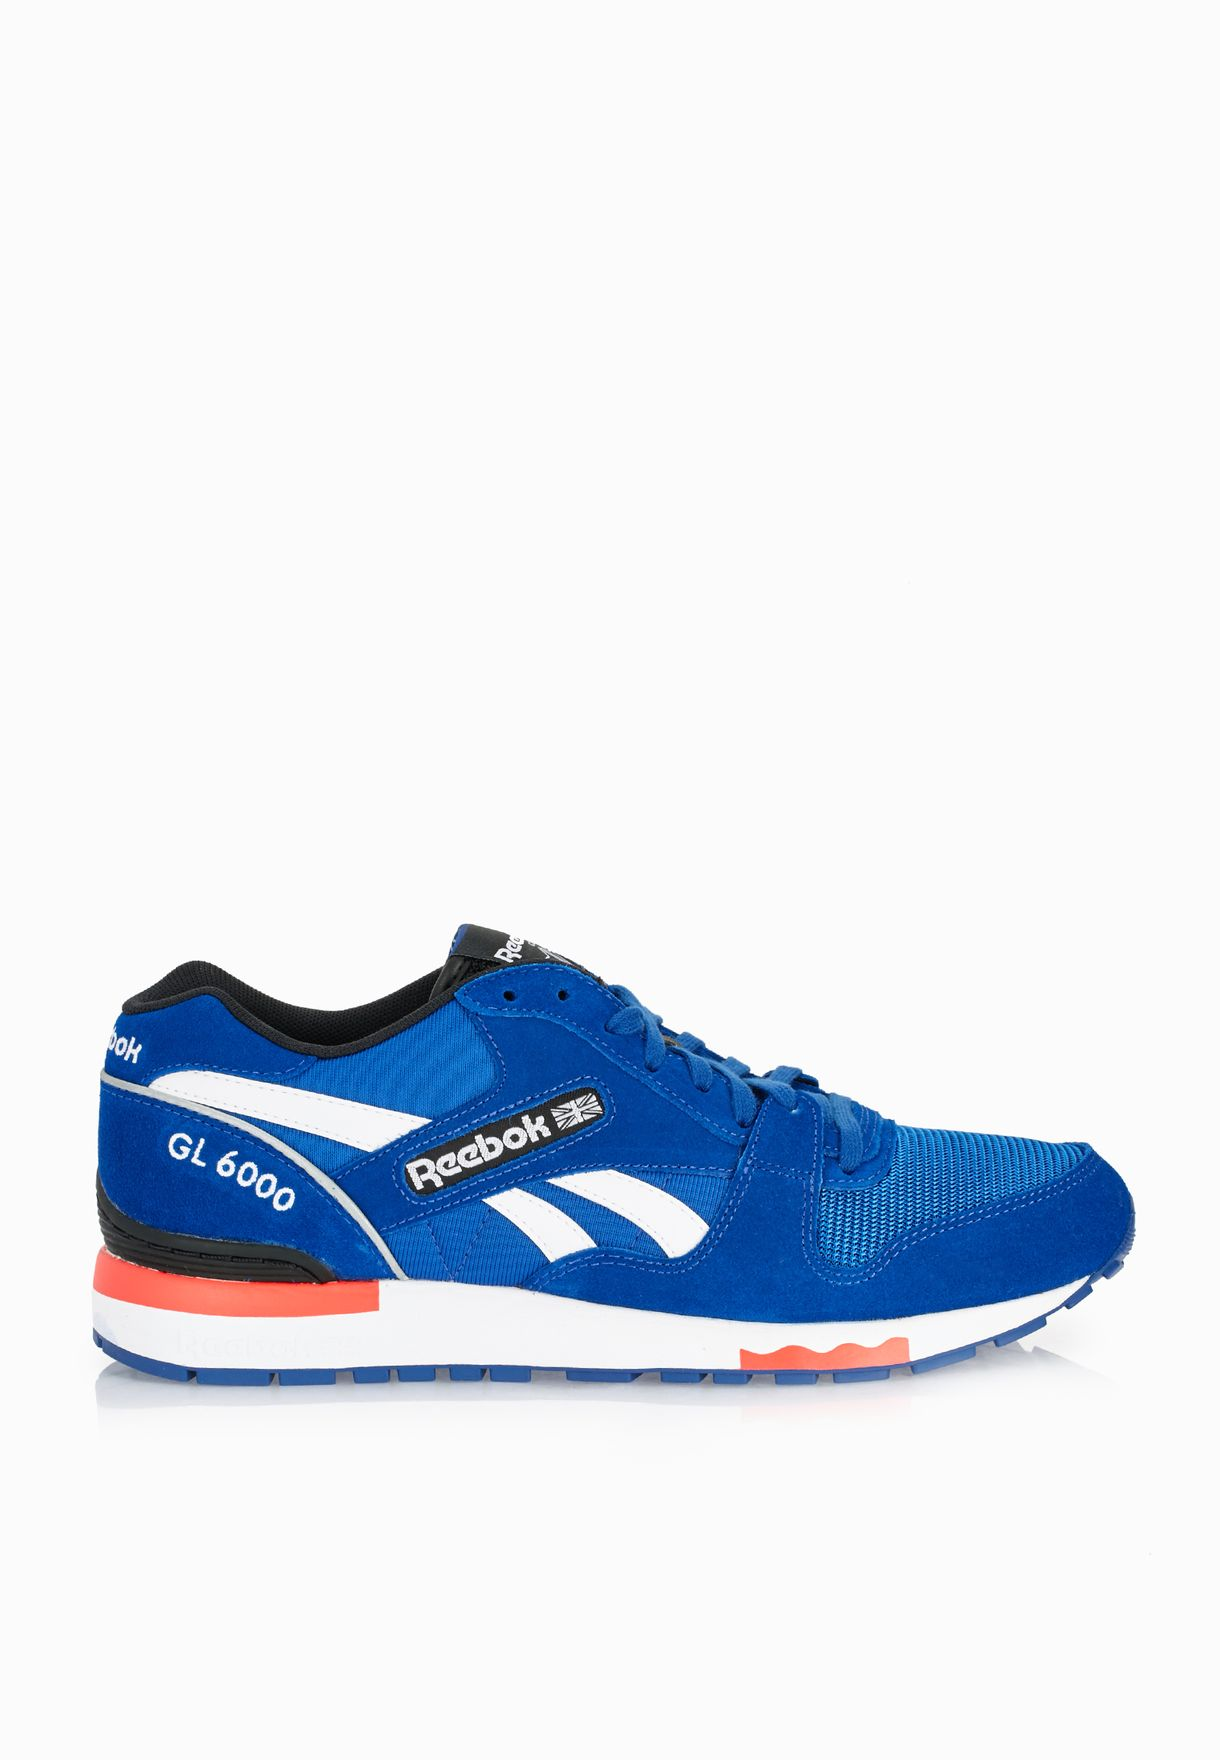 best website 05012 7dc60 Shop Reebok blue GL 6000 PP AQ9751 for Men in Oman - RE019SH48NLR